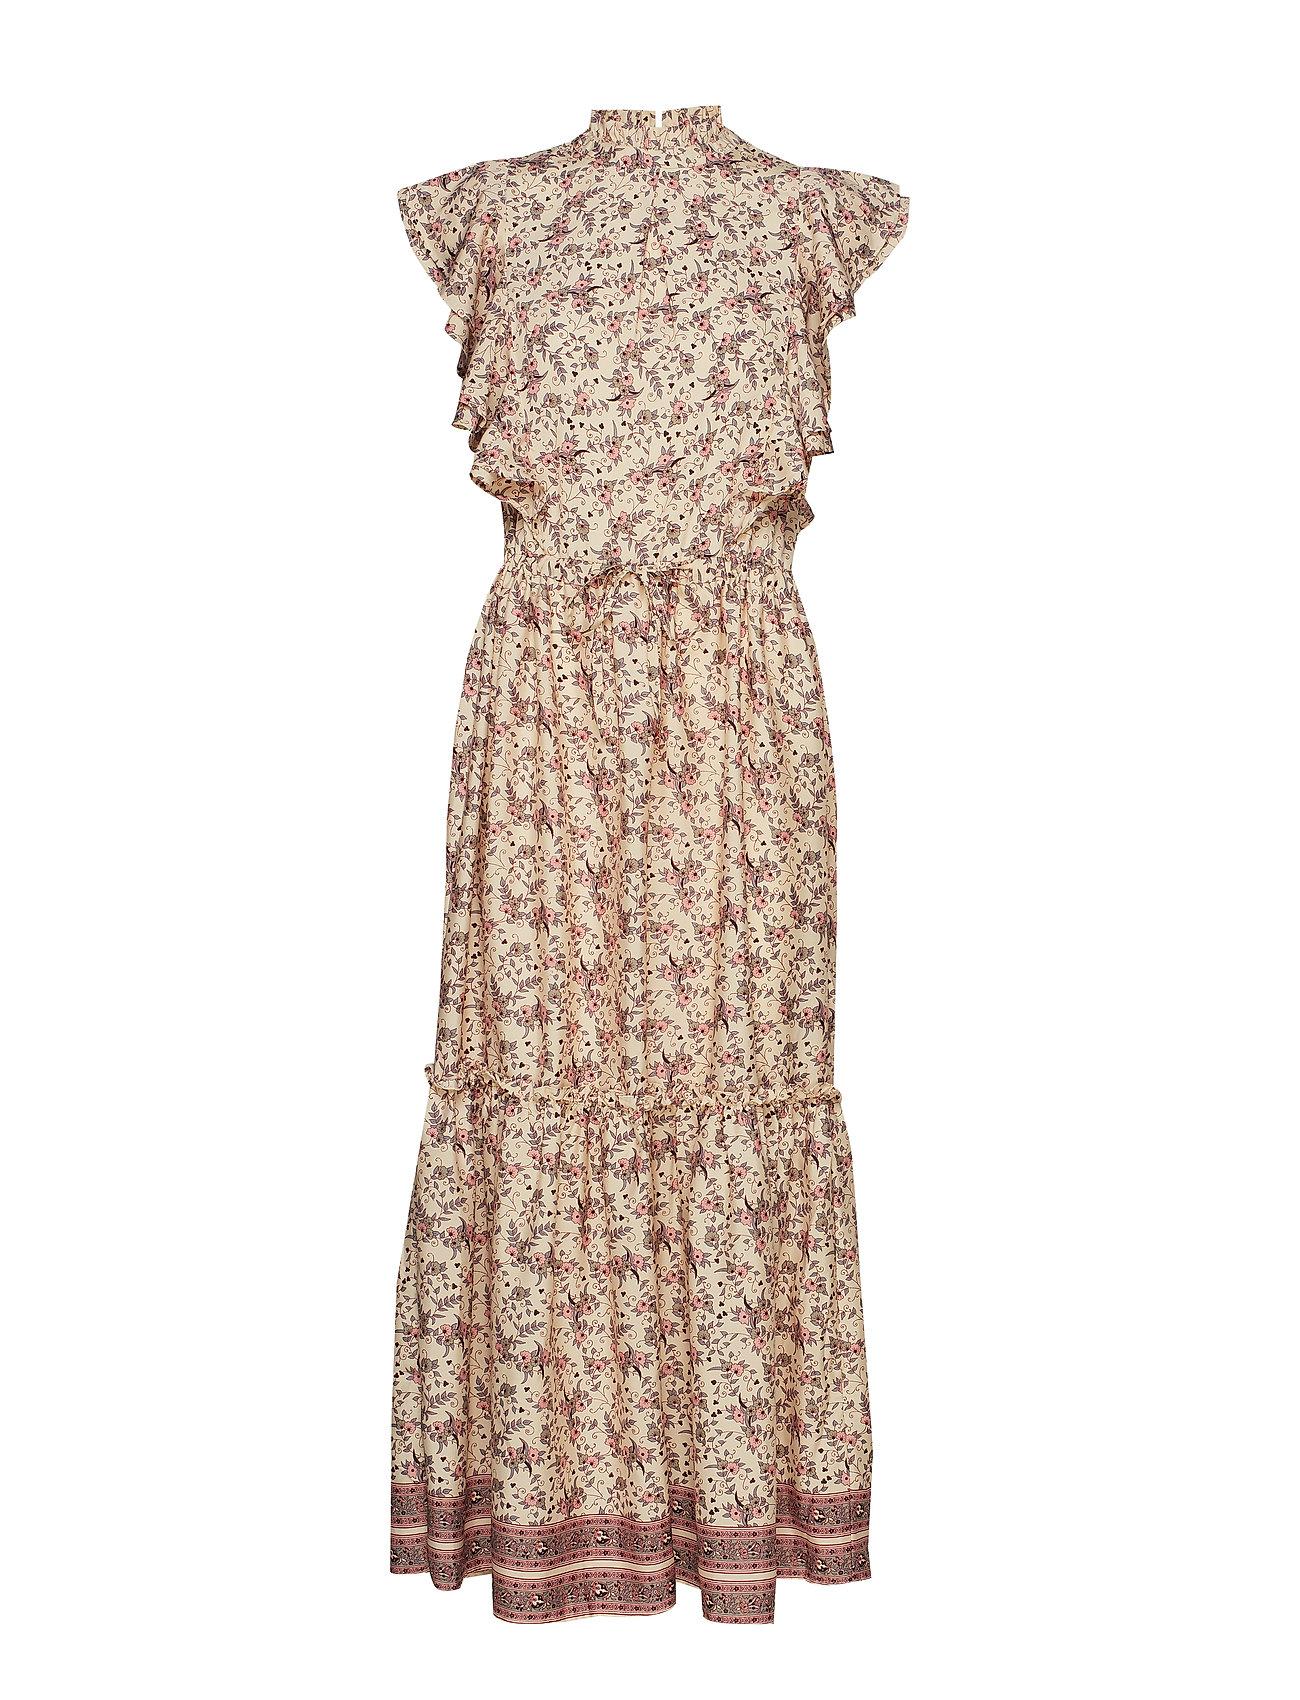 Sofie Schnoor Dress - BEIGE